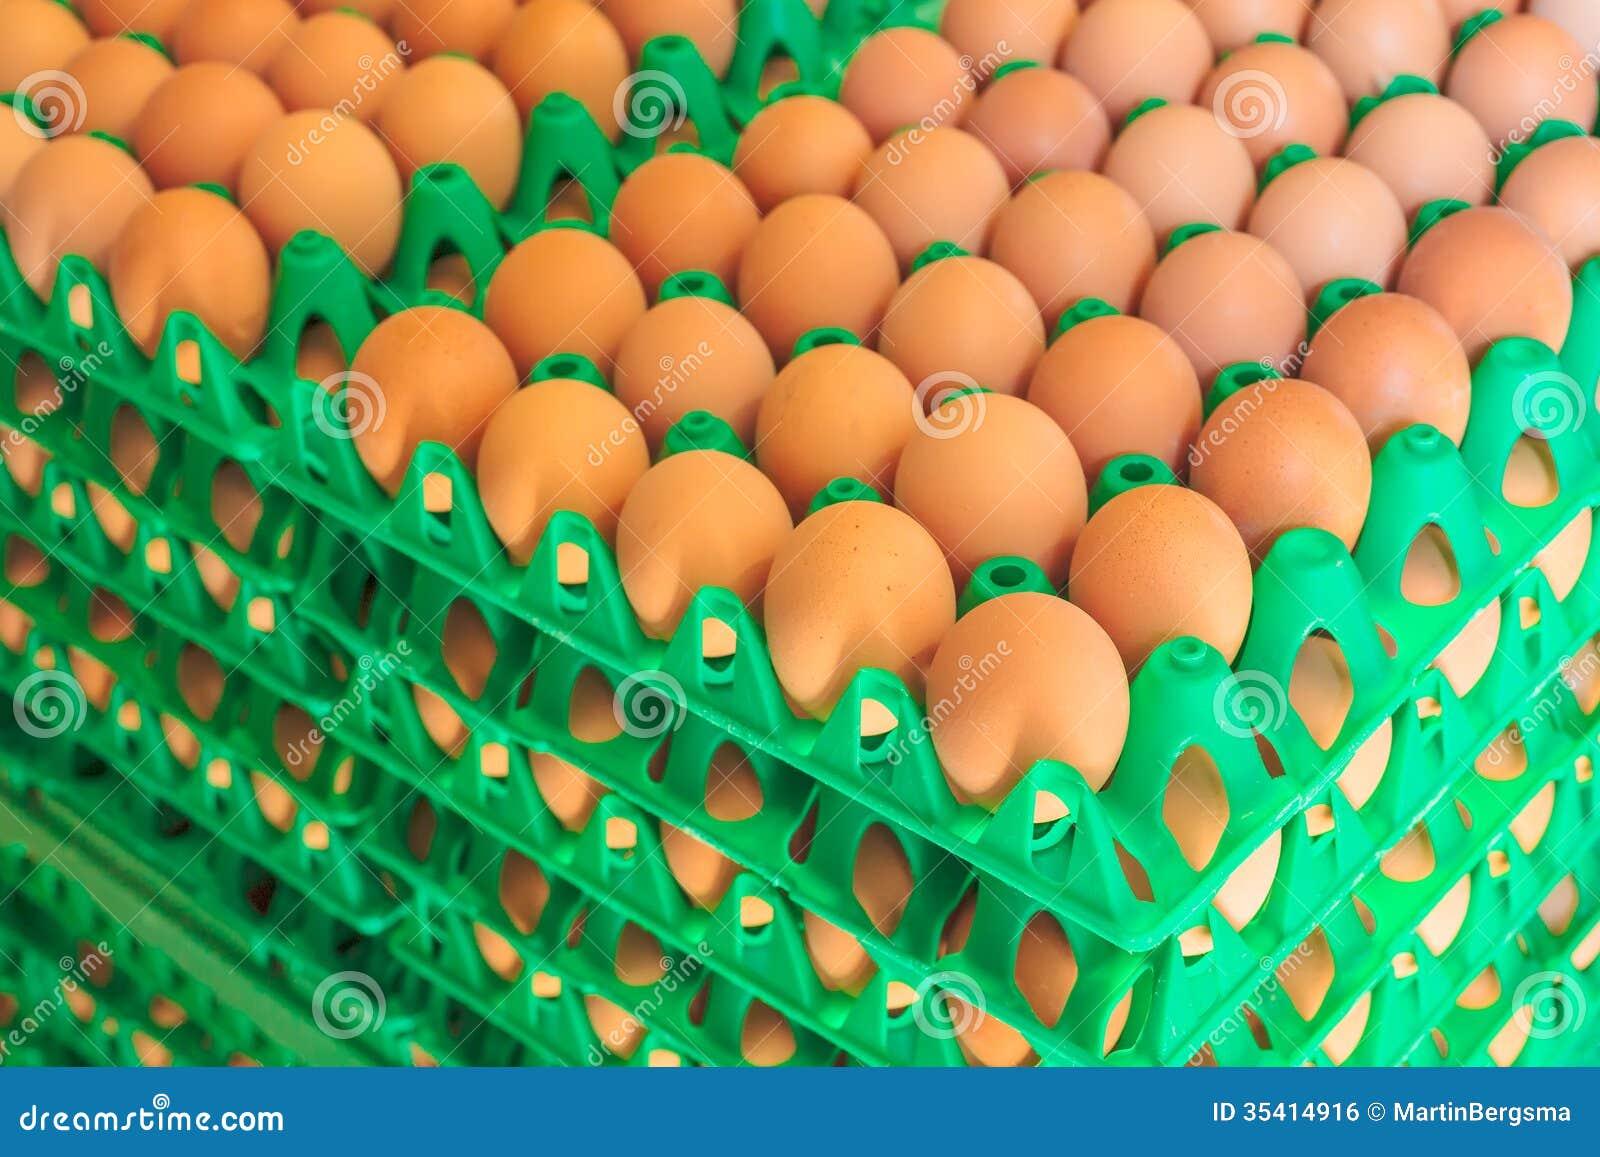 Caixas com ovos frescos em uma exploração agrícola de galinha orgânica